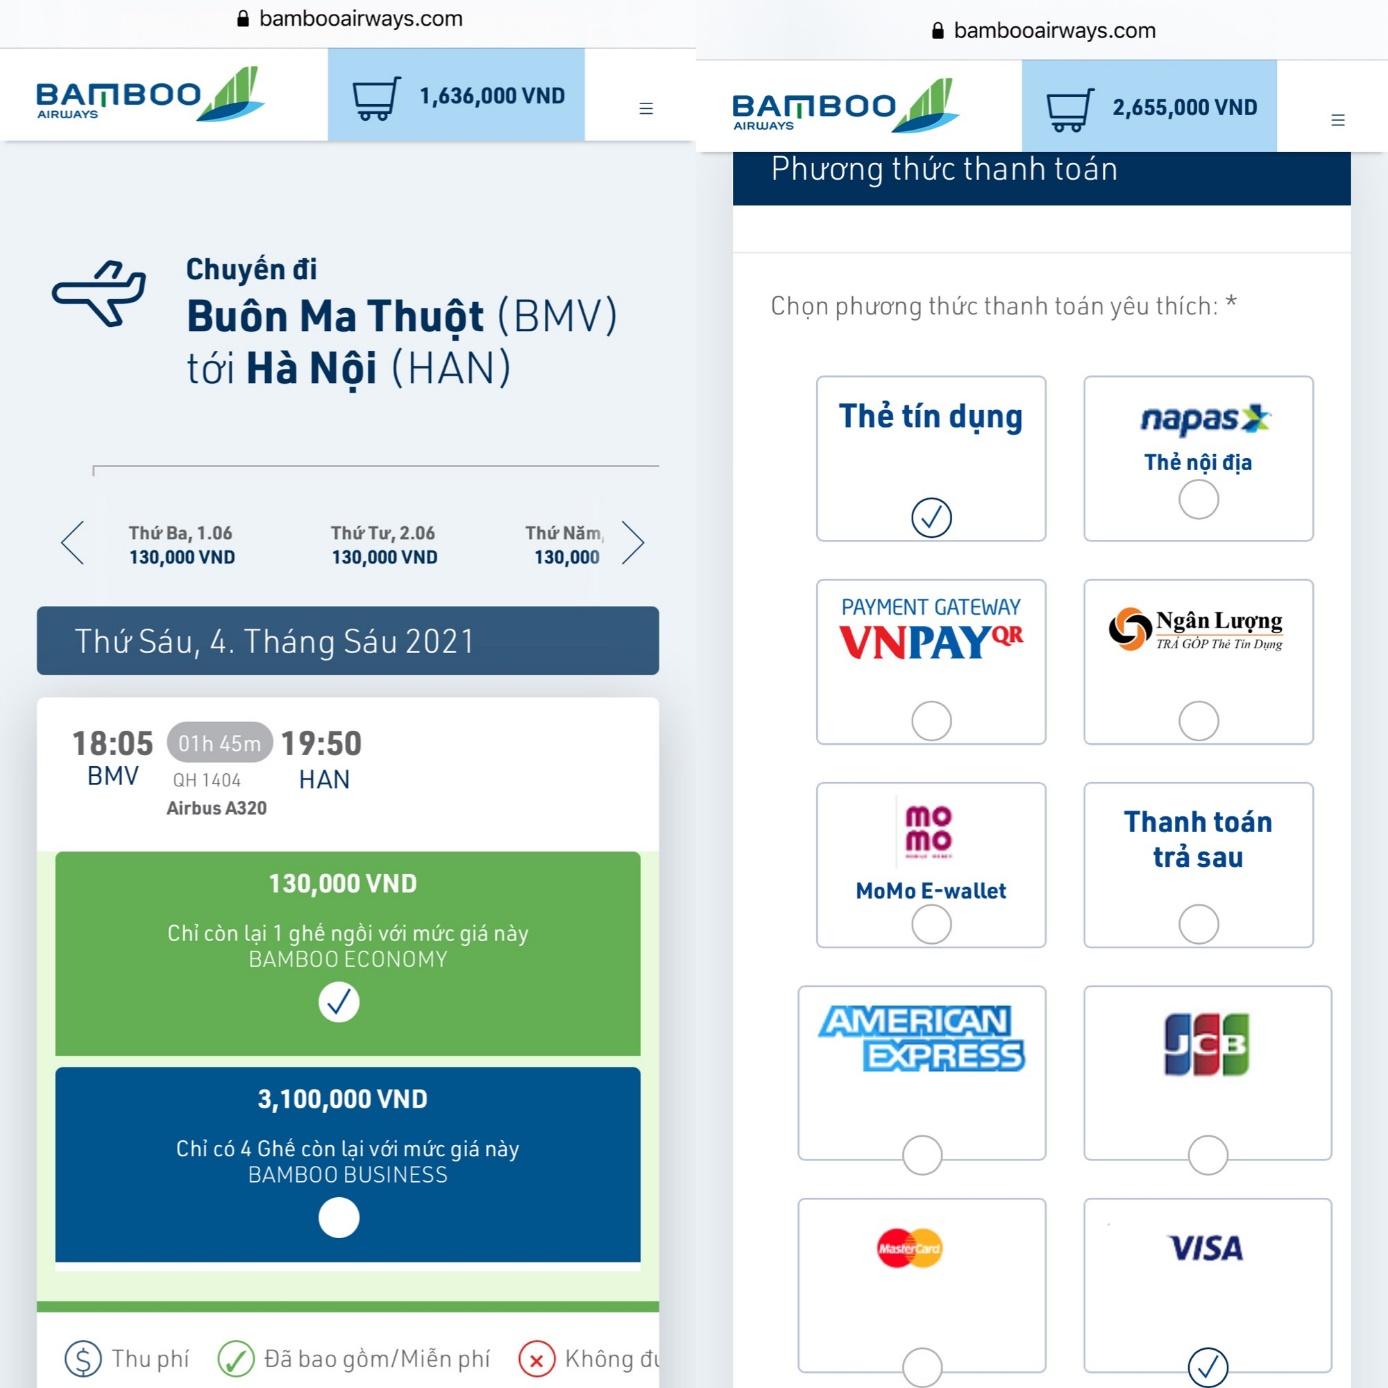 Bay Bamboo Airways thoả thích với ưu đãi 200.000 đồng từ thẻ Sacombank - Ảnh 1.